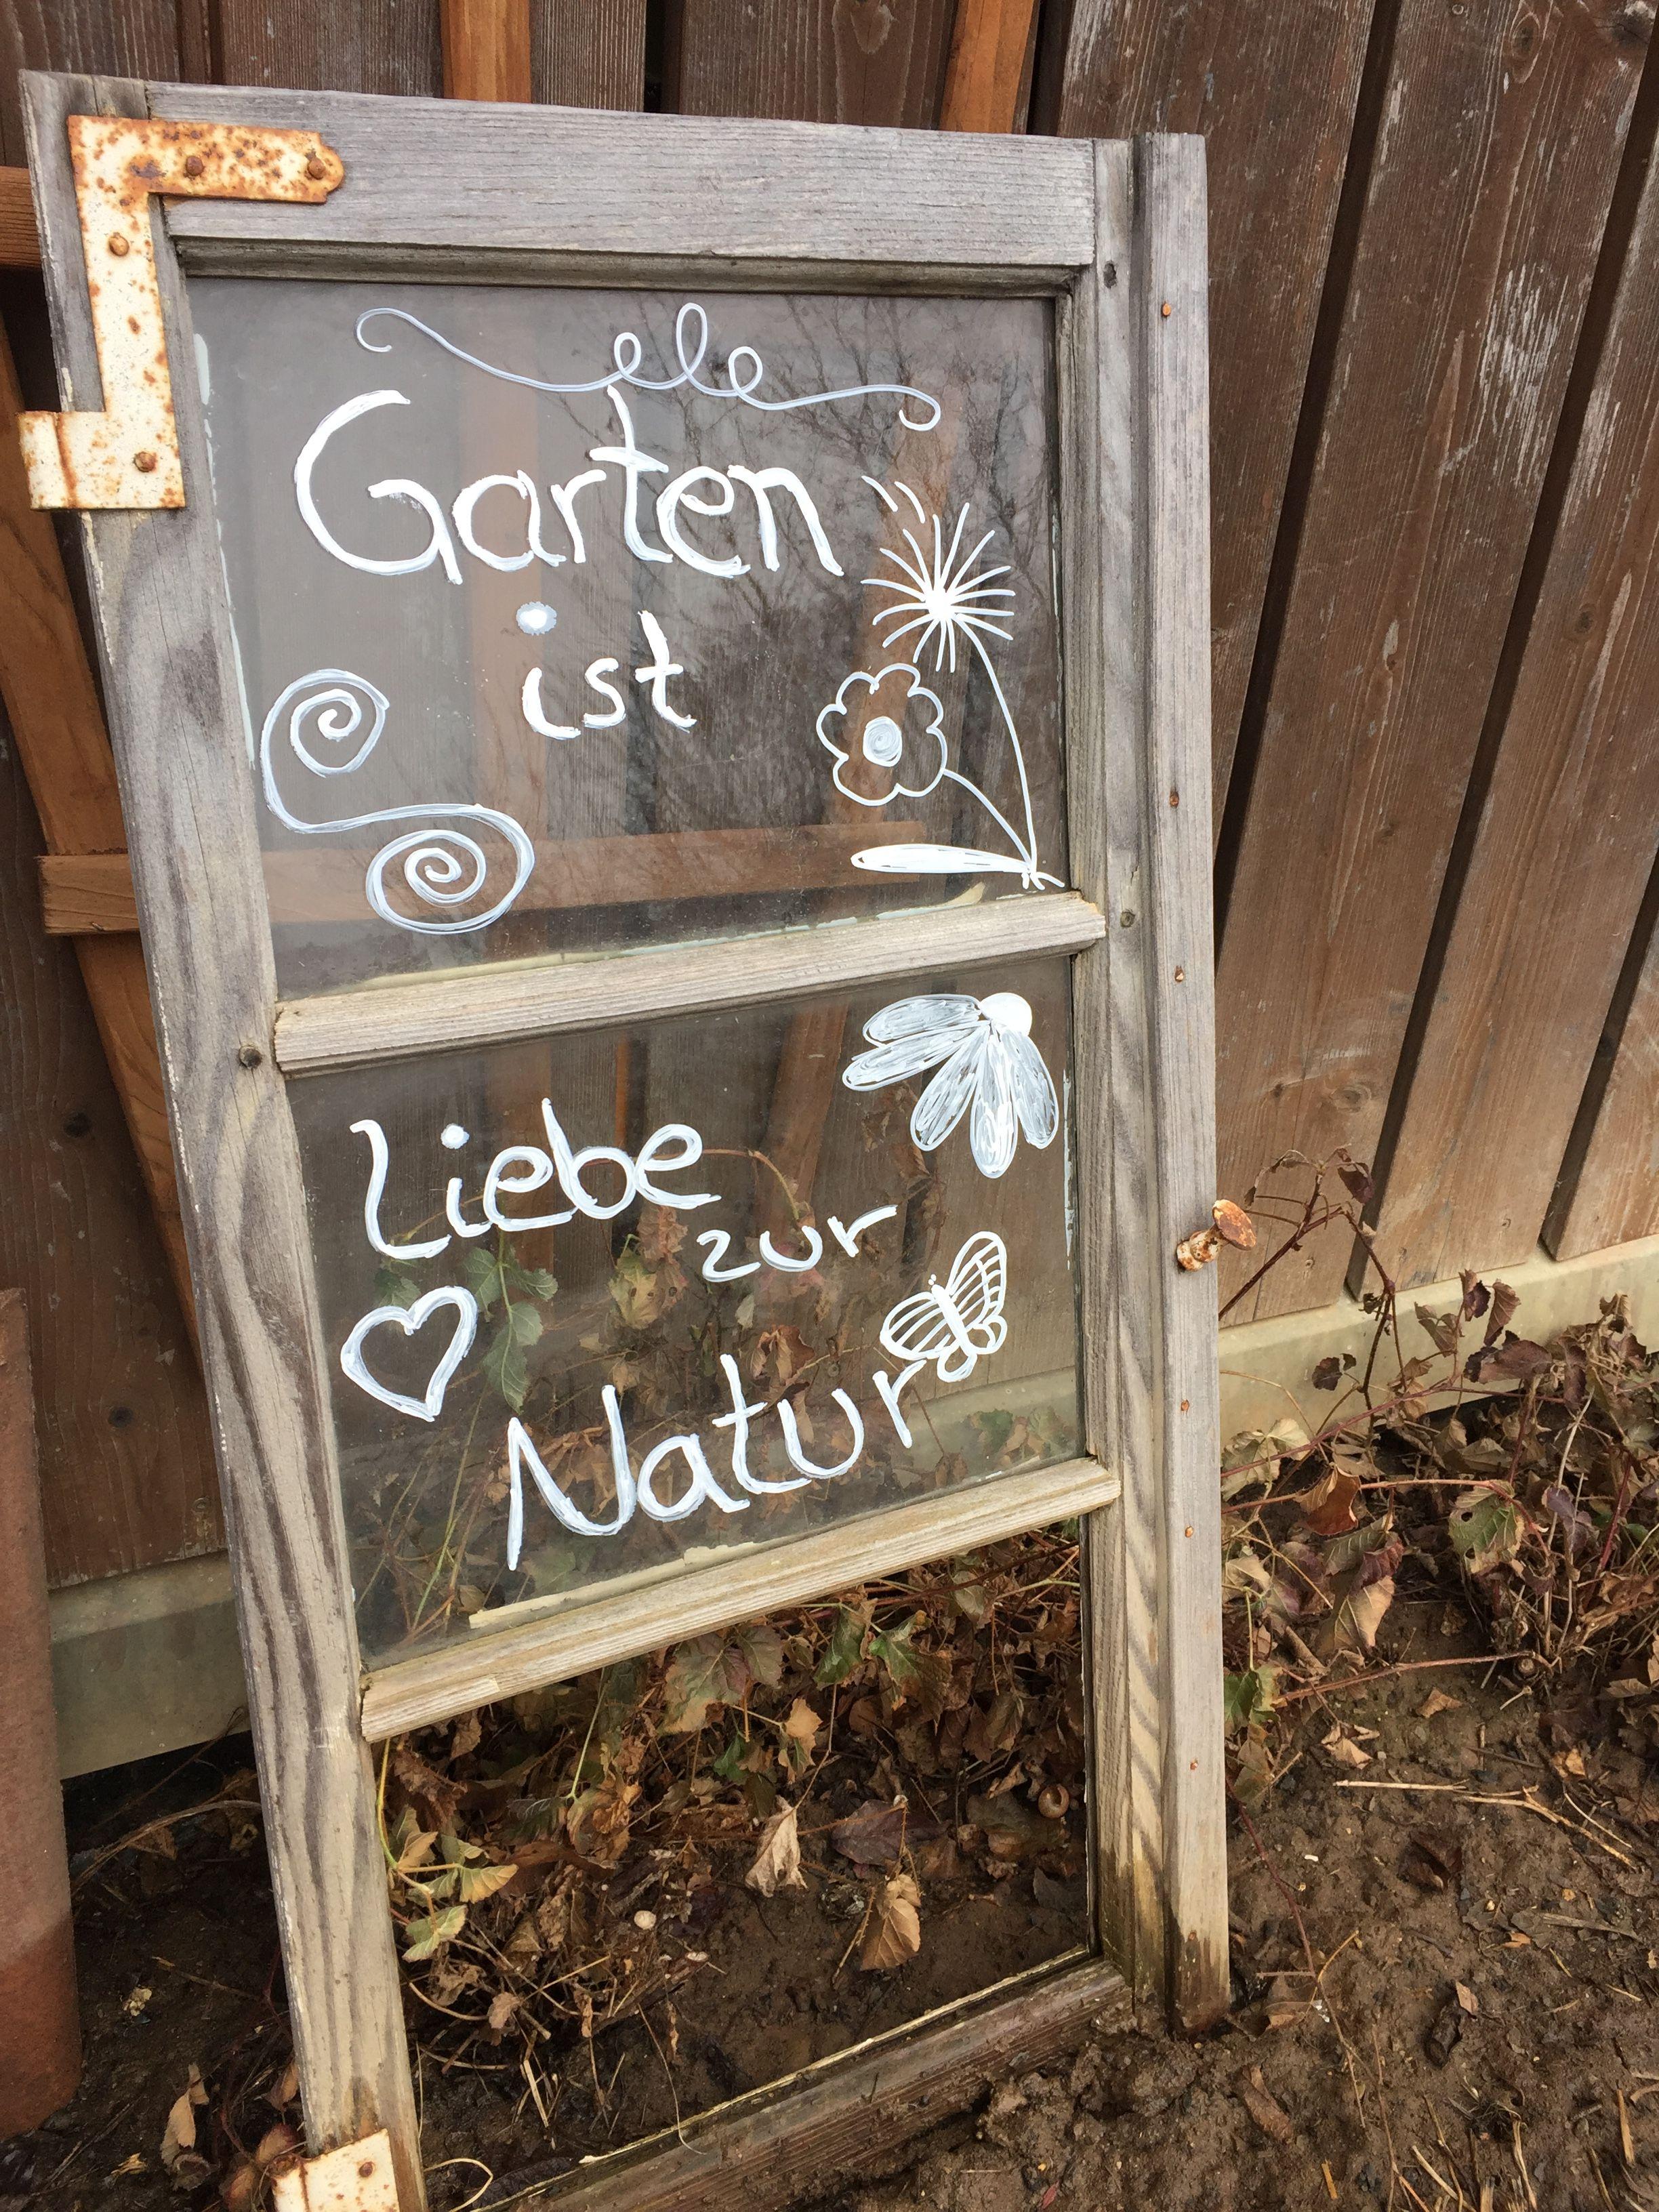 Garten Ist Liebe Zur Natur Garten Fenster Kreide Alte Fenster Dekorieren Spruche Garten Fenster Dekor